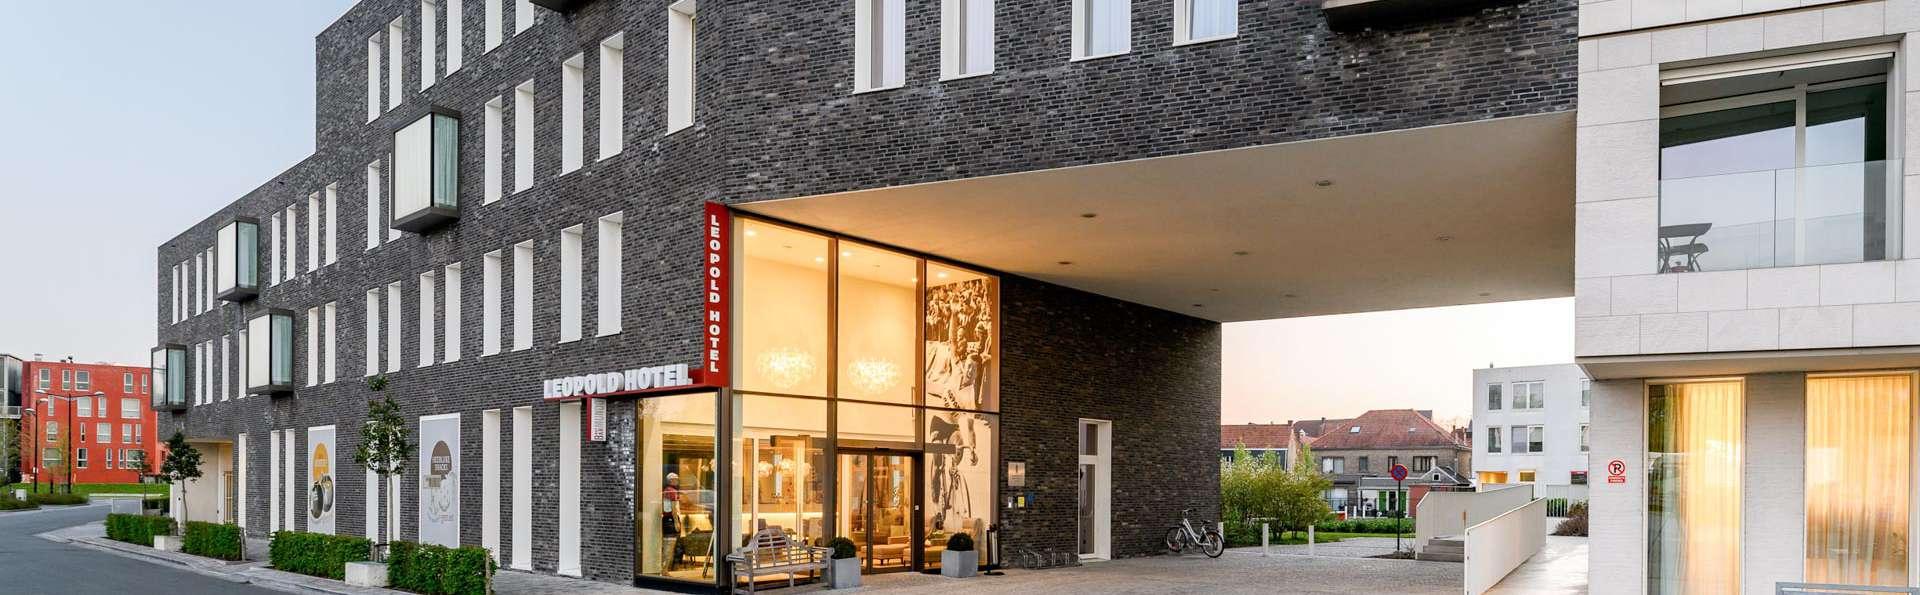 Leopold Hotel Oudenaarde - EDIT_FRONT_01.jpg